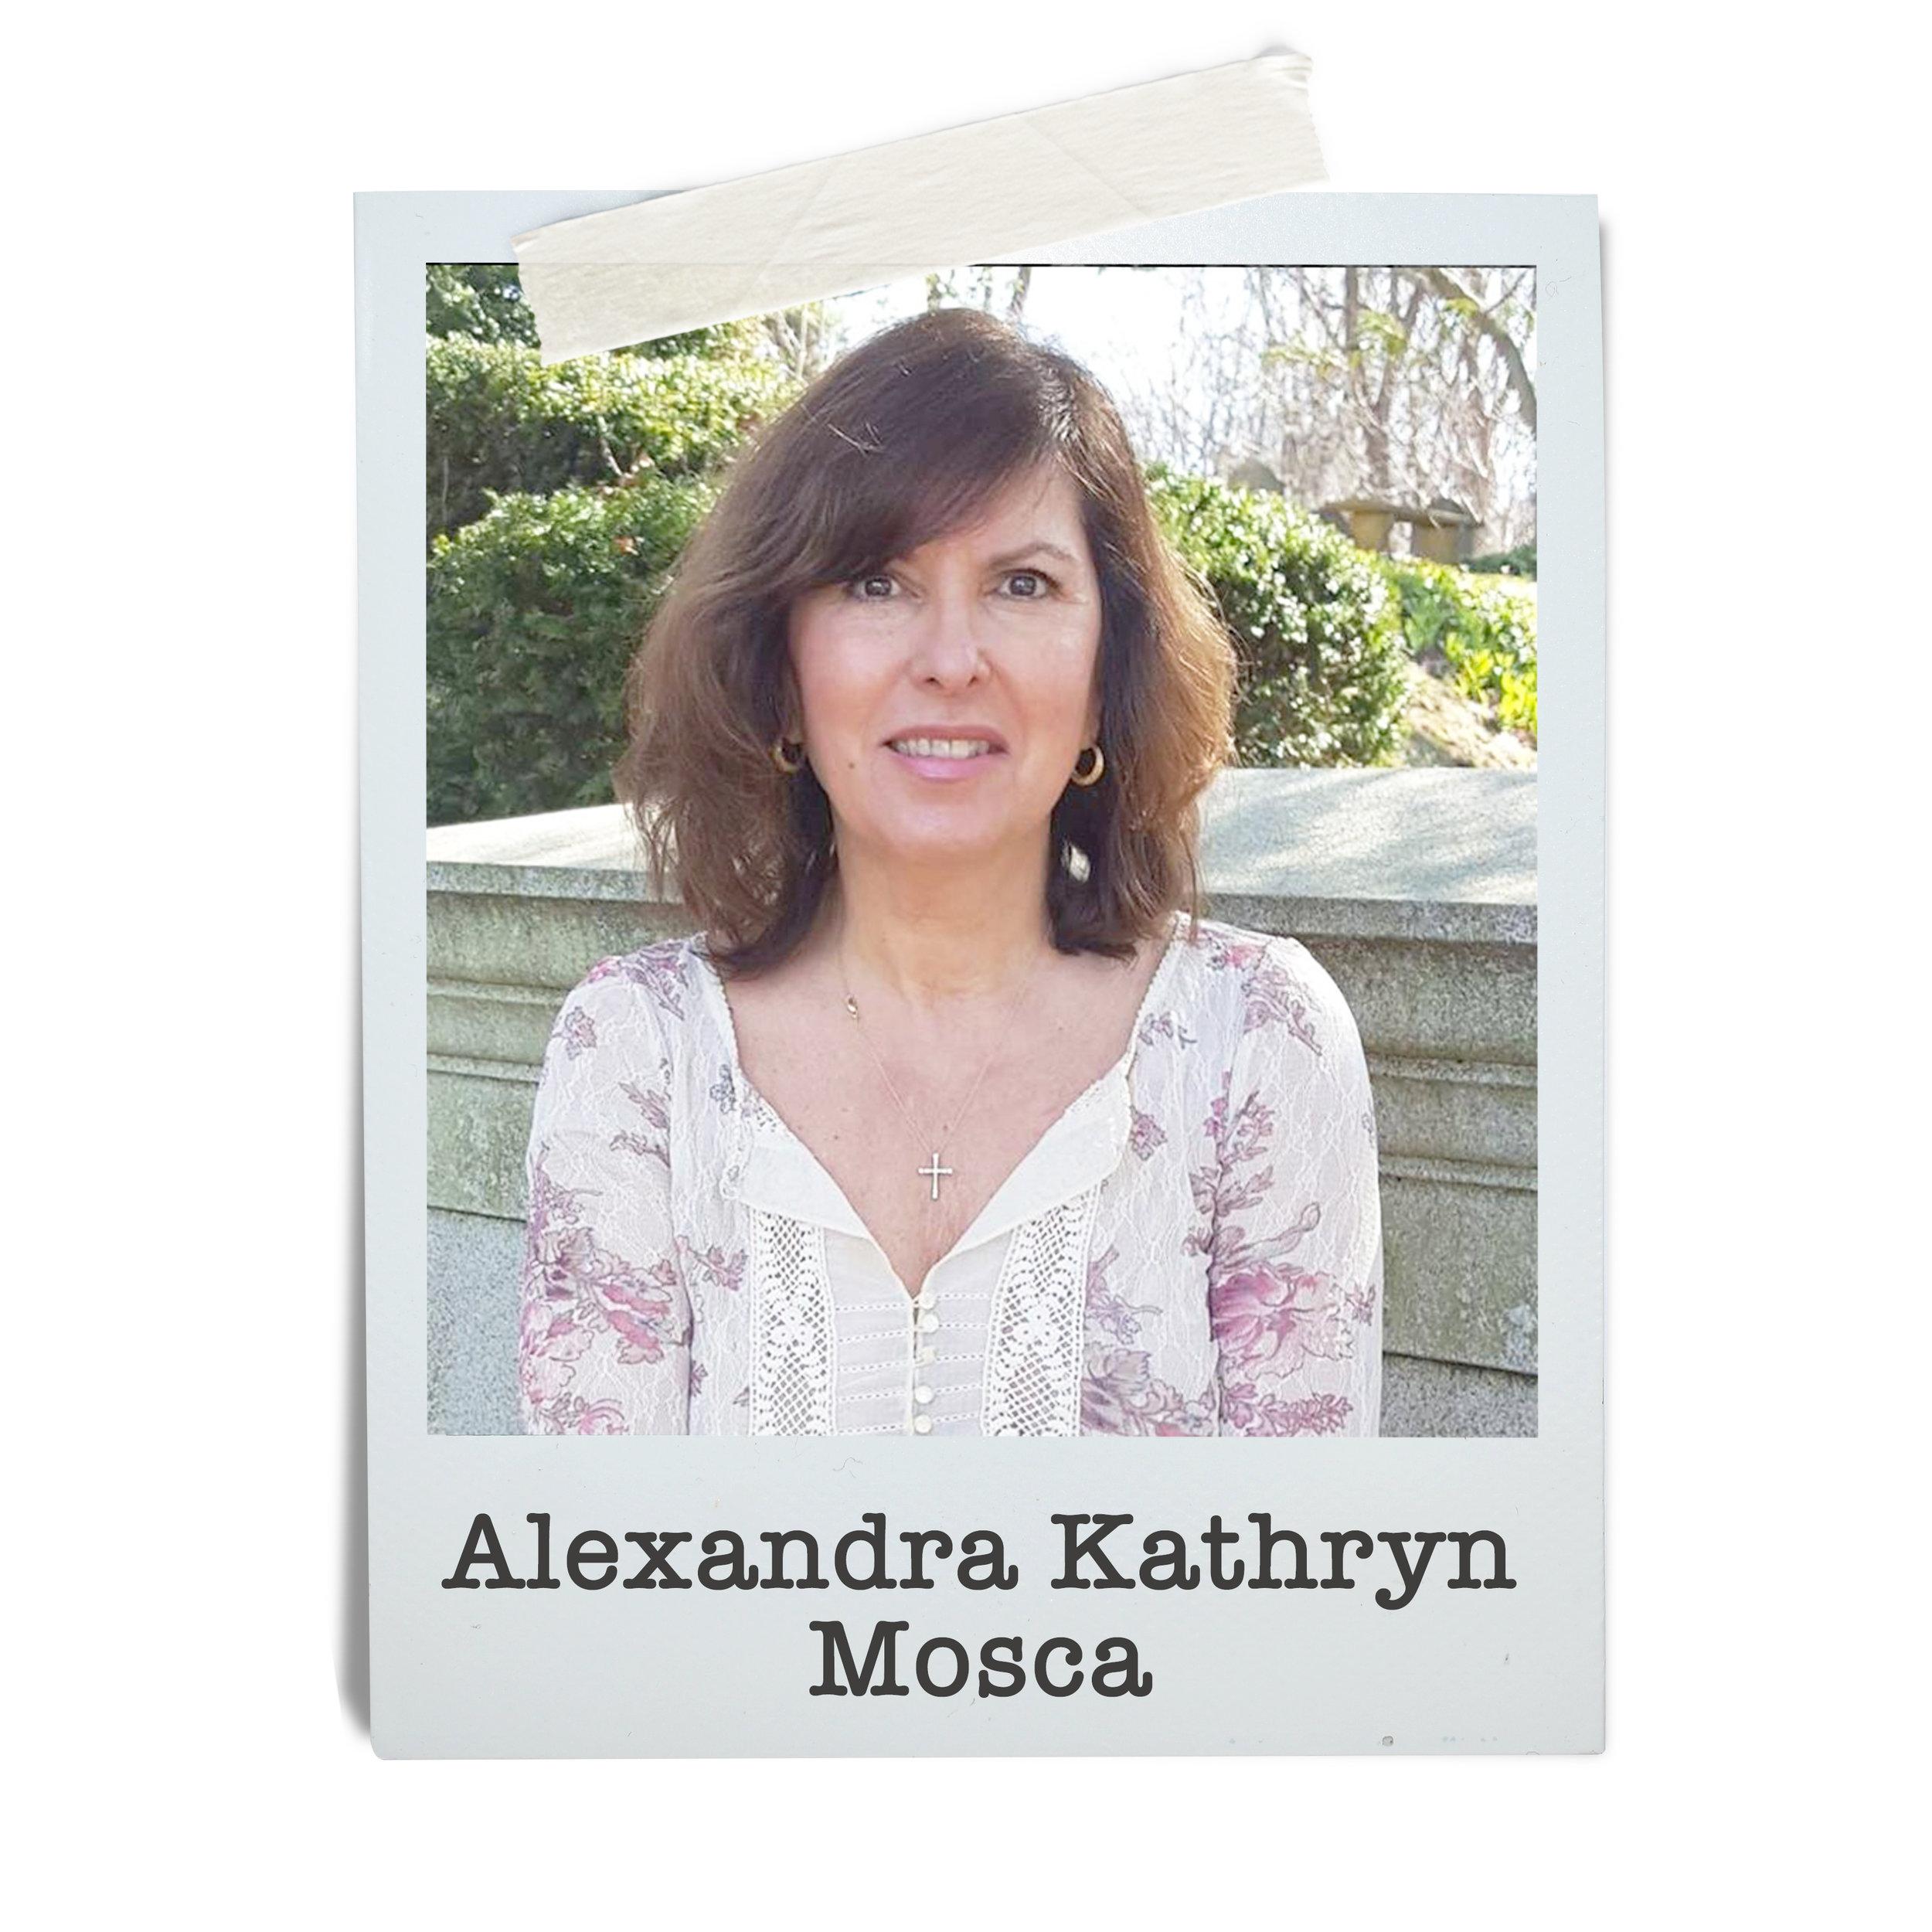 Alexandra Kathryn Mosca